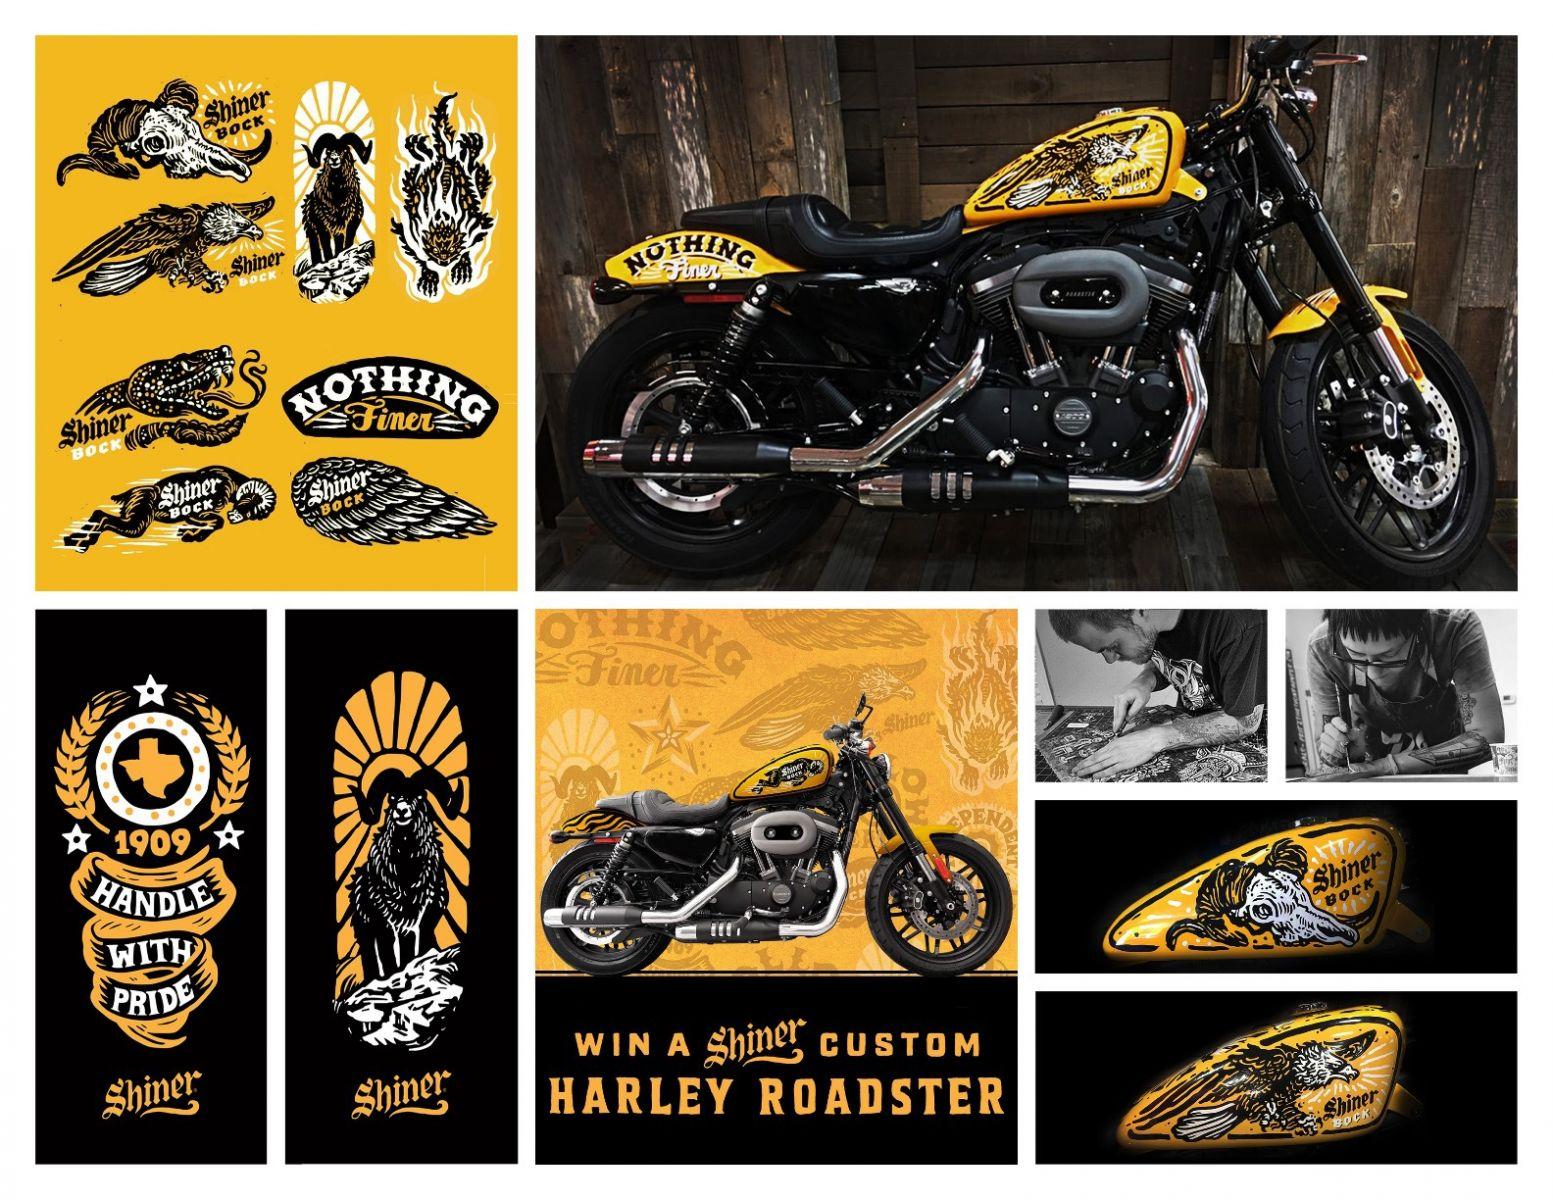 Custom_Motorcycle_Retail_Display-01_2-31